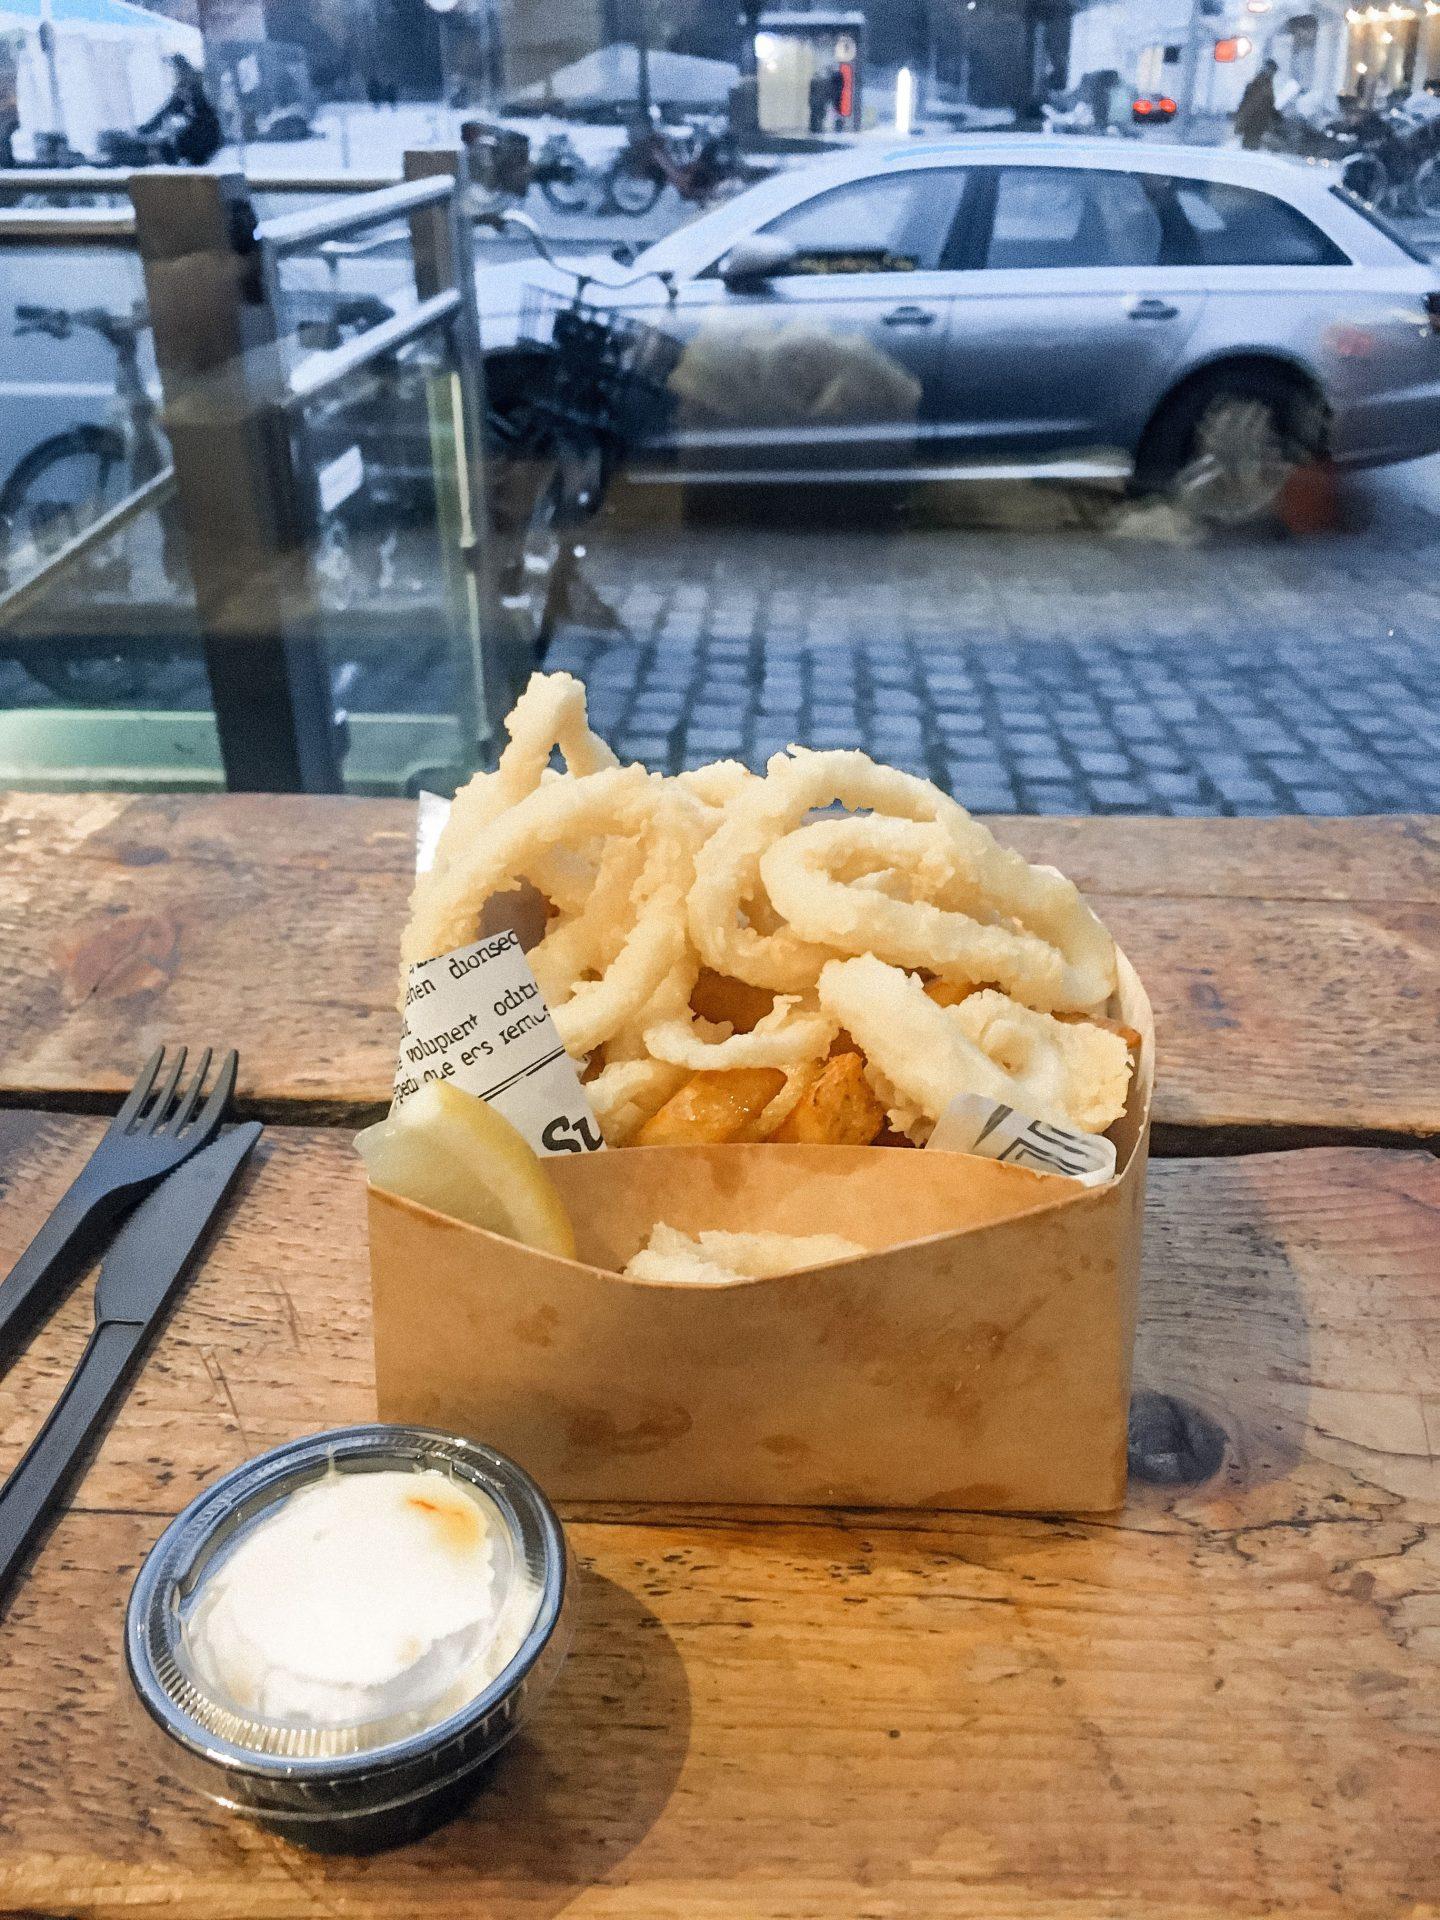 Calamari from Torvehallerne Food Hall in Copenhagen